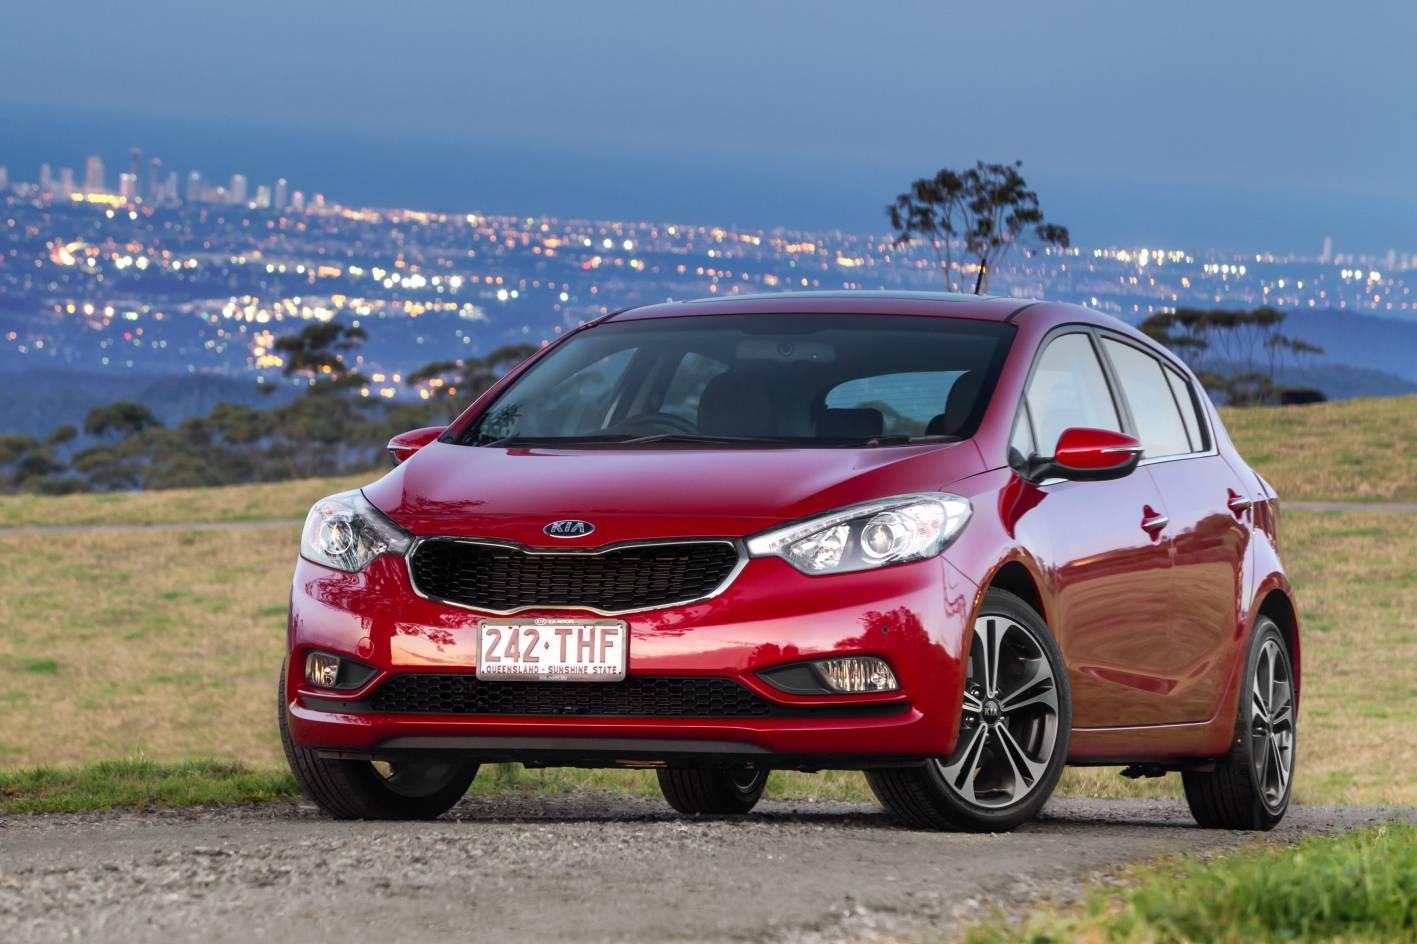 Should I Buy A Kia Cerato Or Hyundai I30 Auto Expert By John 2013 Under Hood Sli